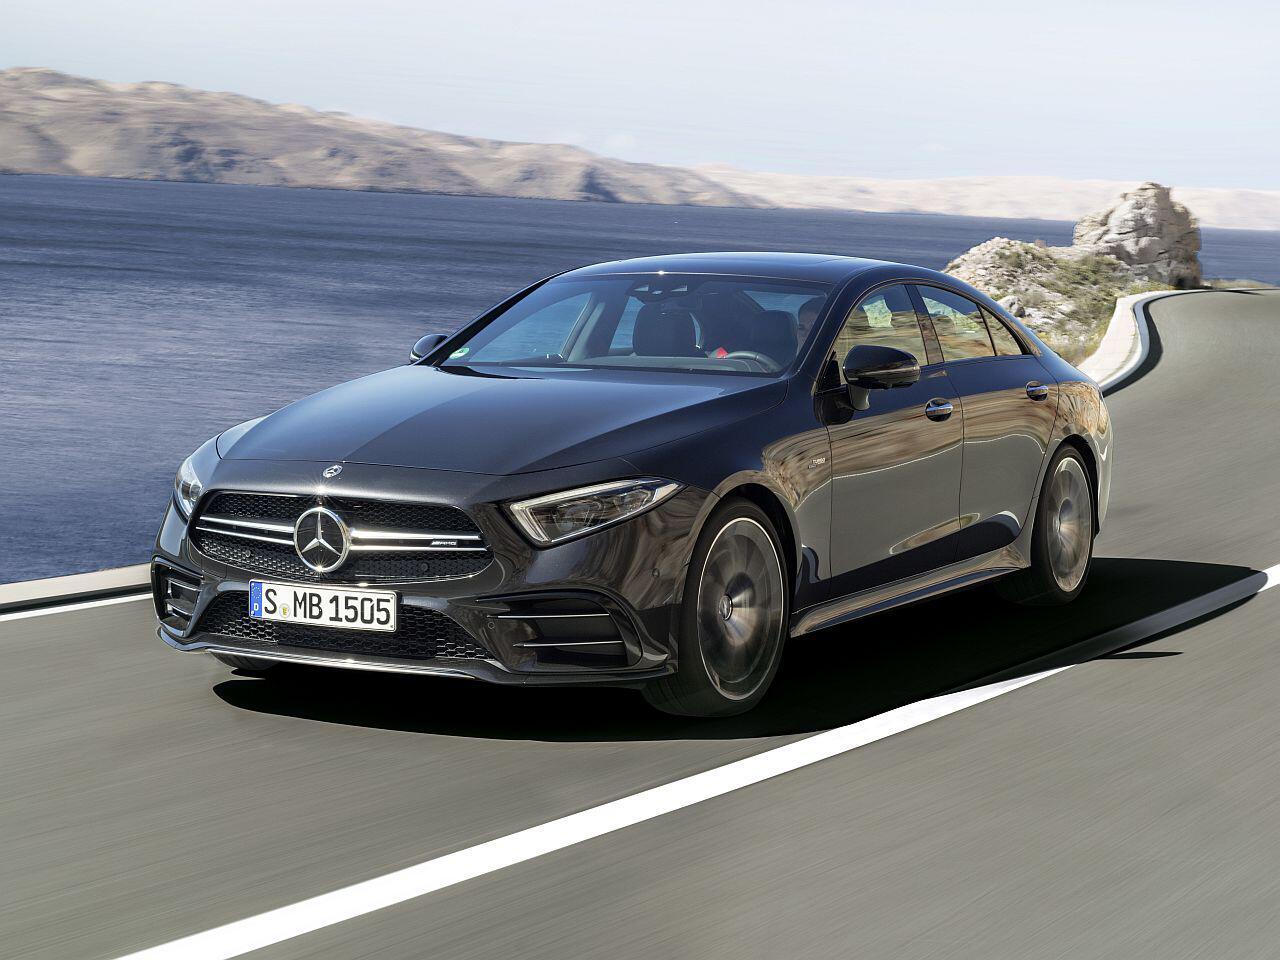 Bild zu Die neuen Mercedes-AMG 53er Modelle als CLS, E-Klasse Coupé und Cabriolet